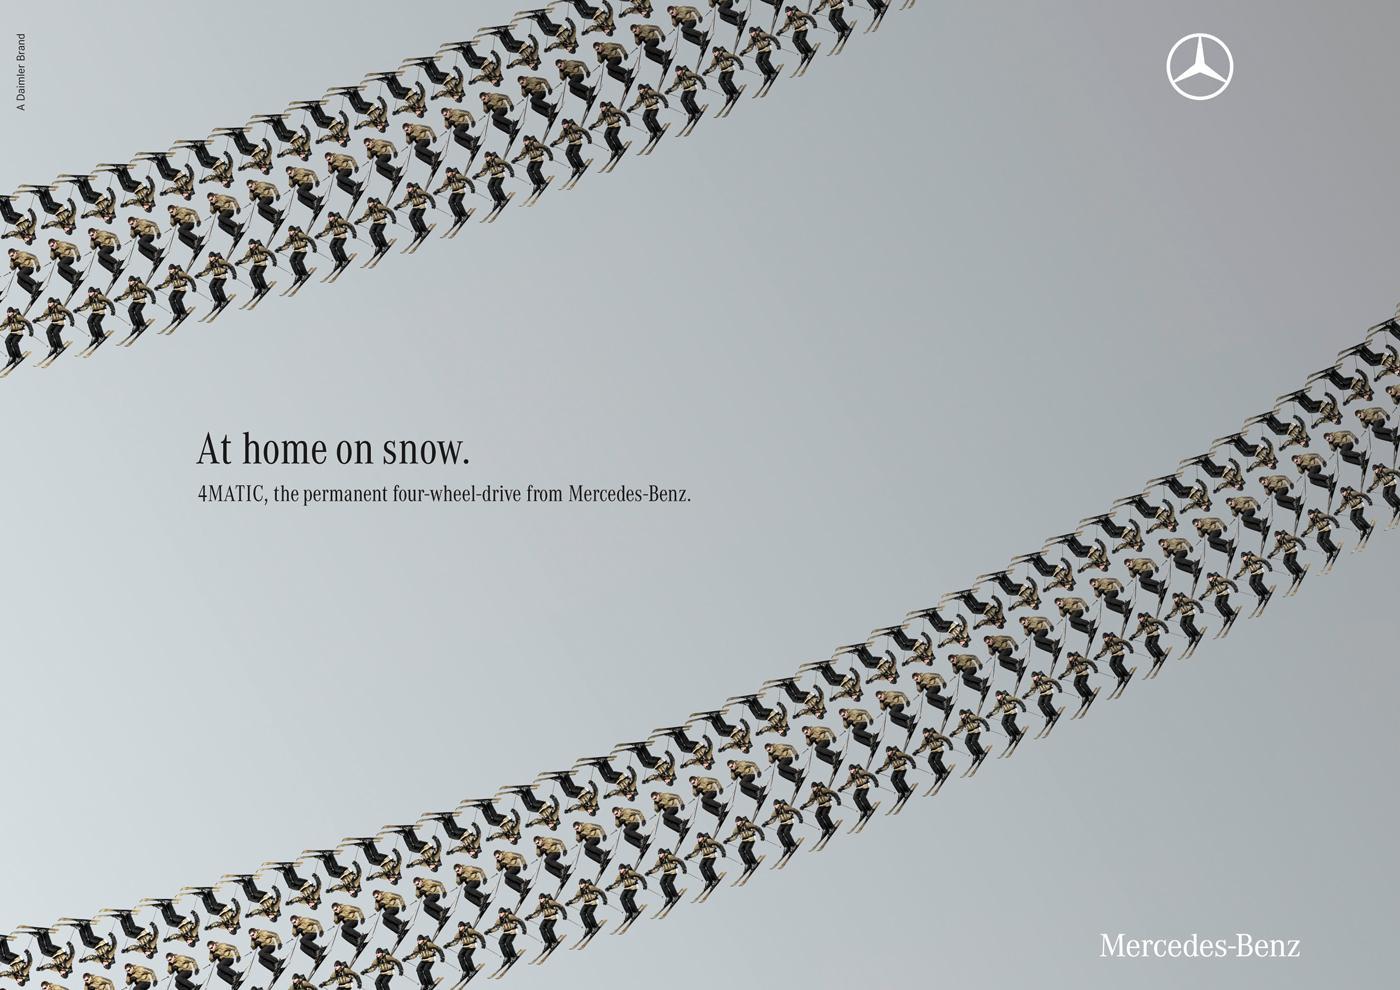 Bon courage aux Parisiens : les 80 publicités les plus créatives sur la Neige #neigeparis 51